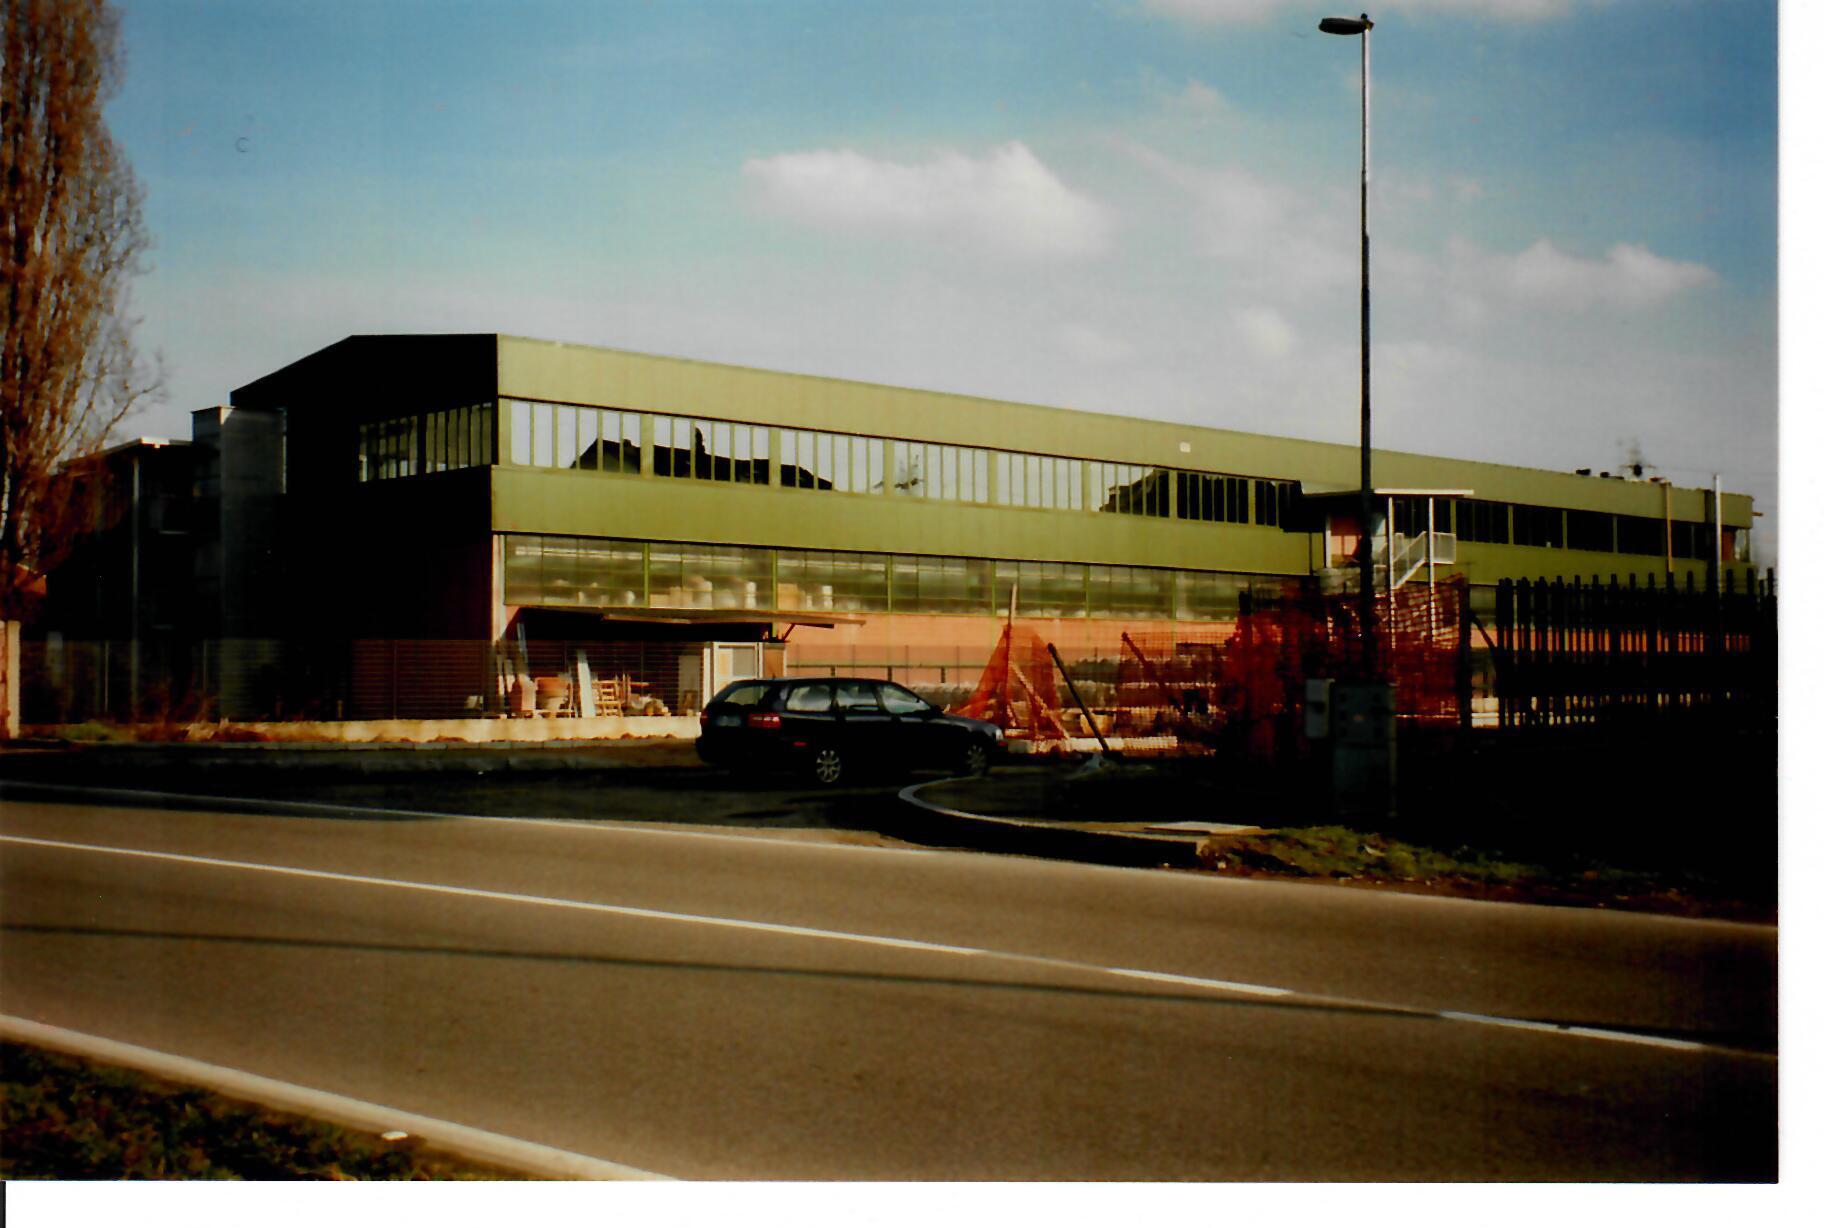 Salone industriale con tetto a doppia falda